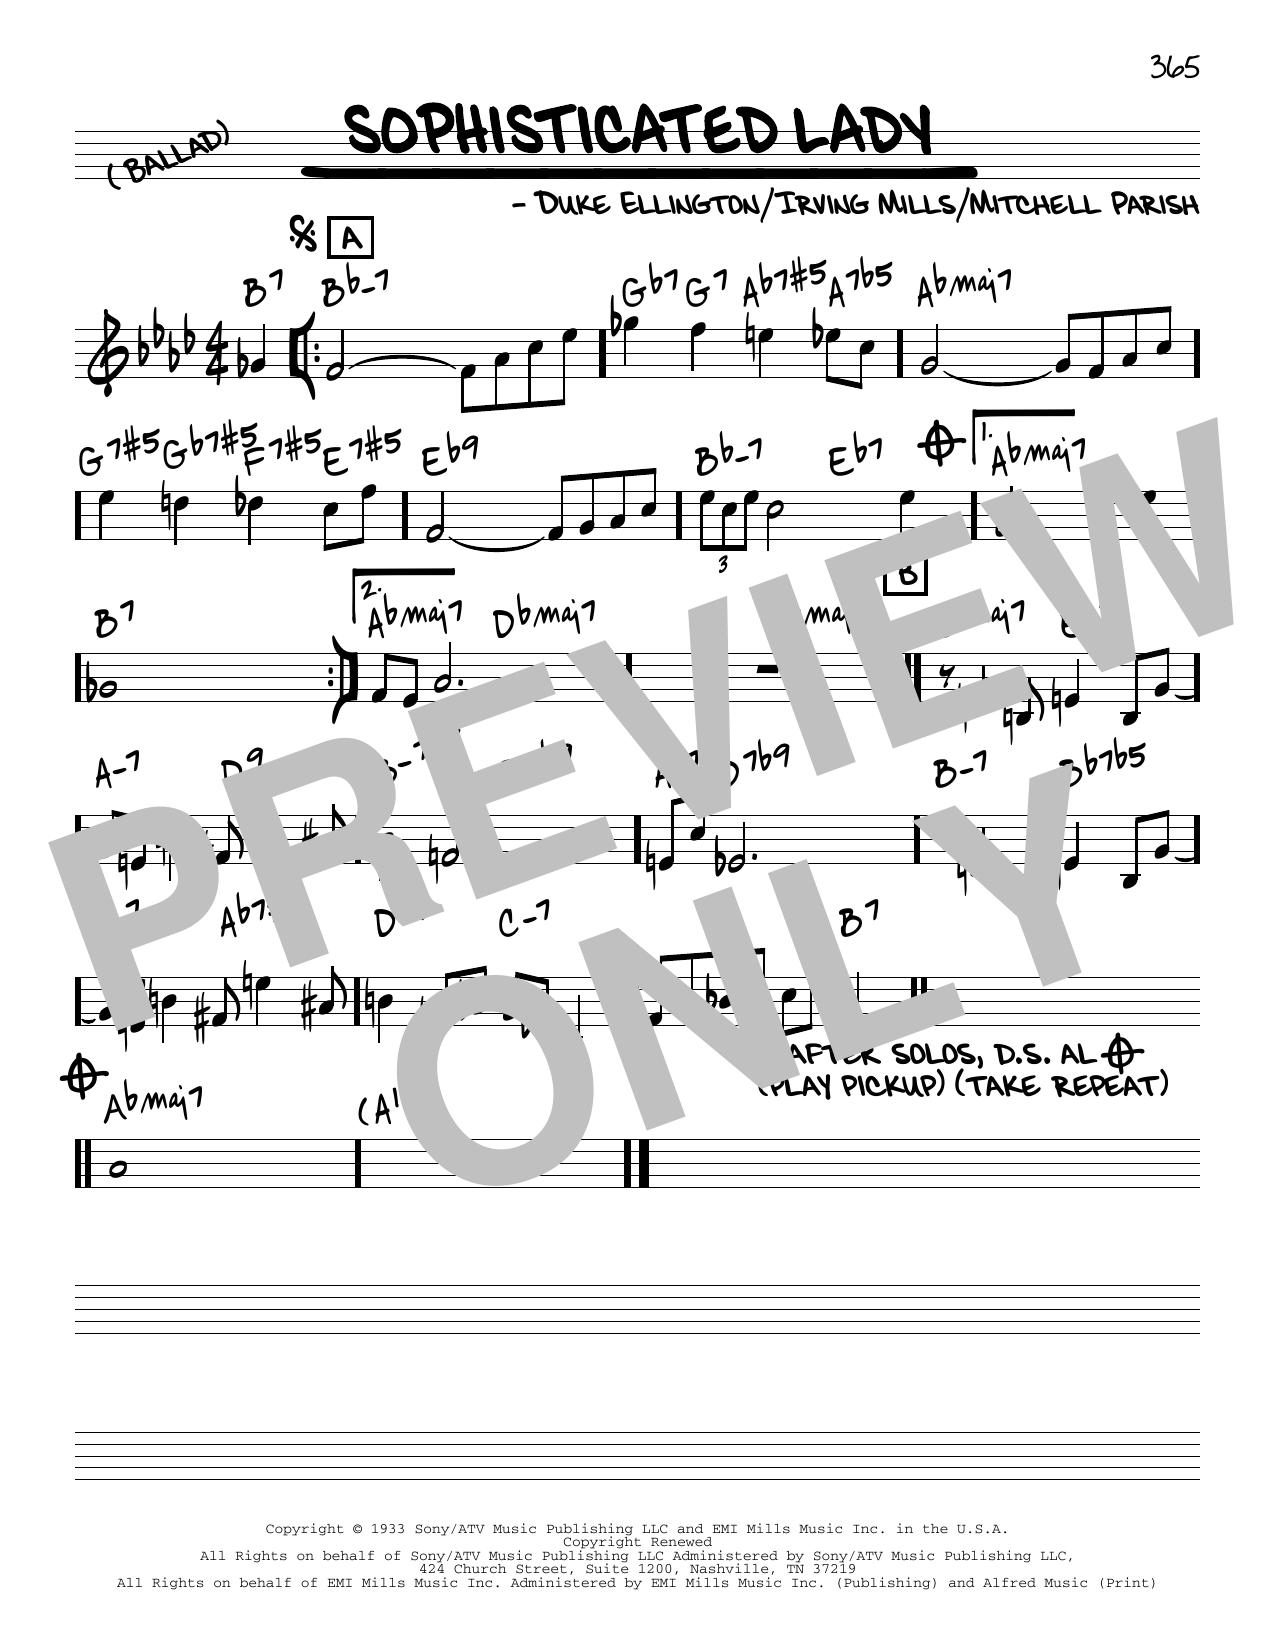 Duke Ellington Sophisticated Lady [Reharmonized version] (arr. Jack Grassel) sheet music notes printable PDF score